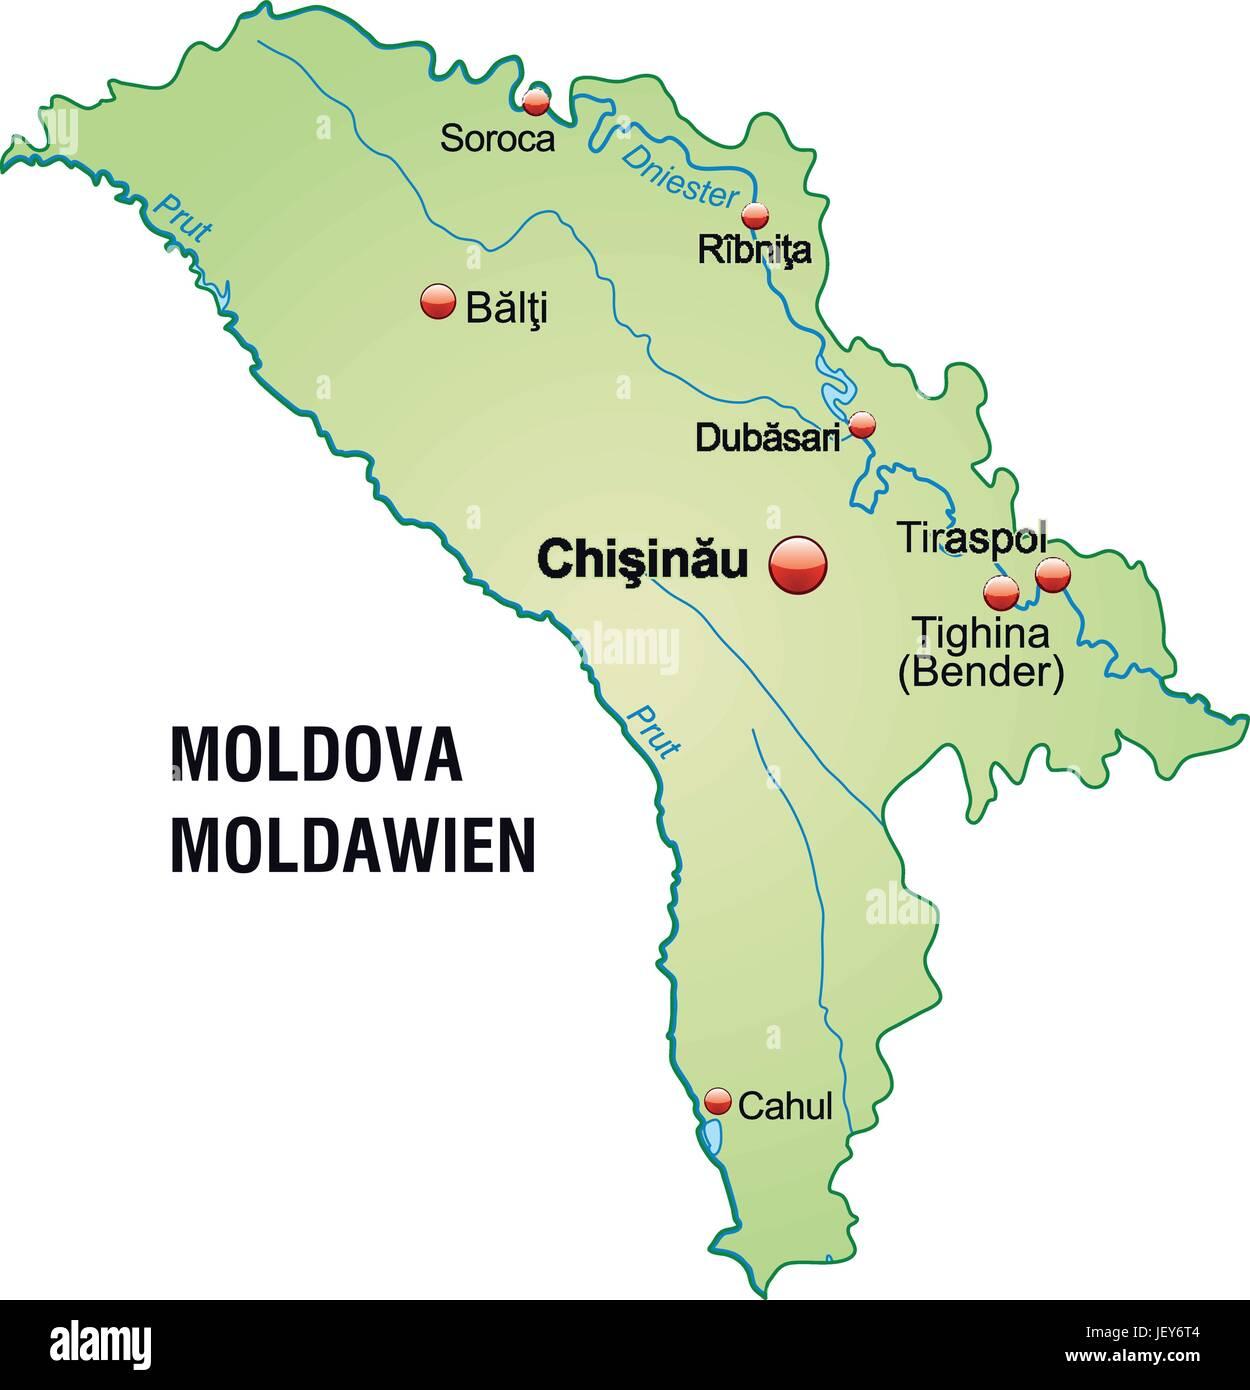 Moldawien Karte.Karte Von Moldawien Als Eine übersichtskarte In Pastellgrün Vektor